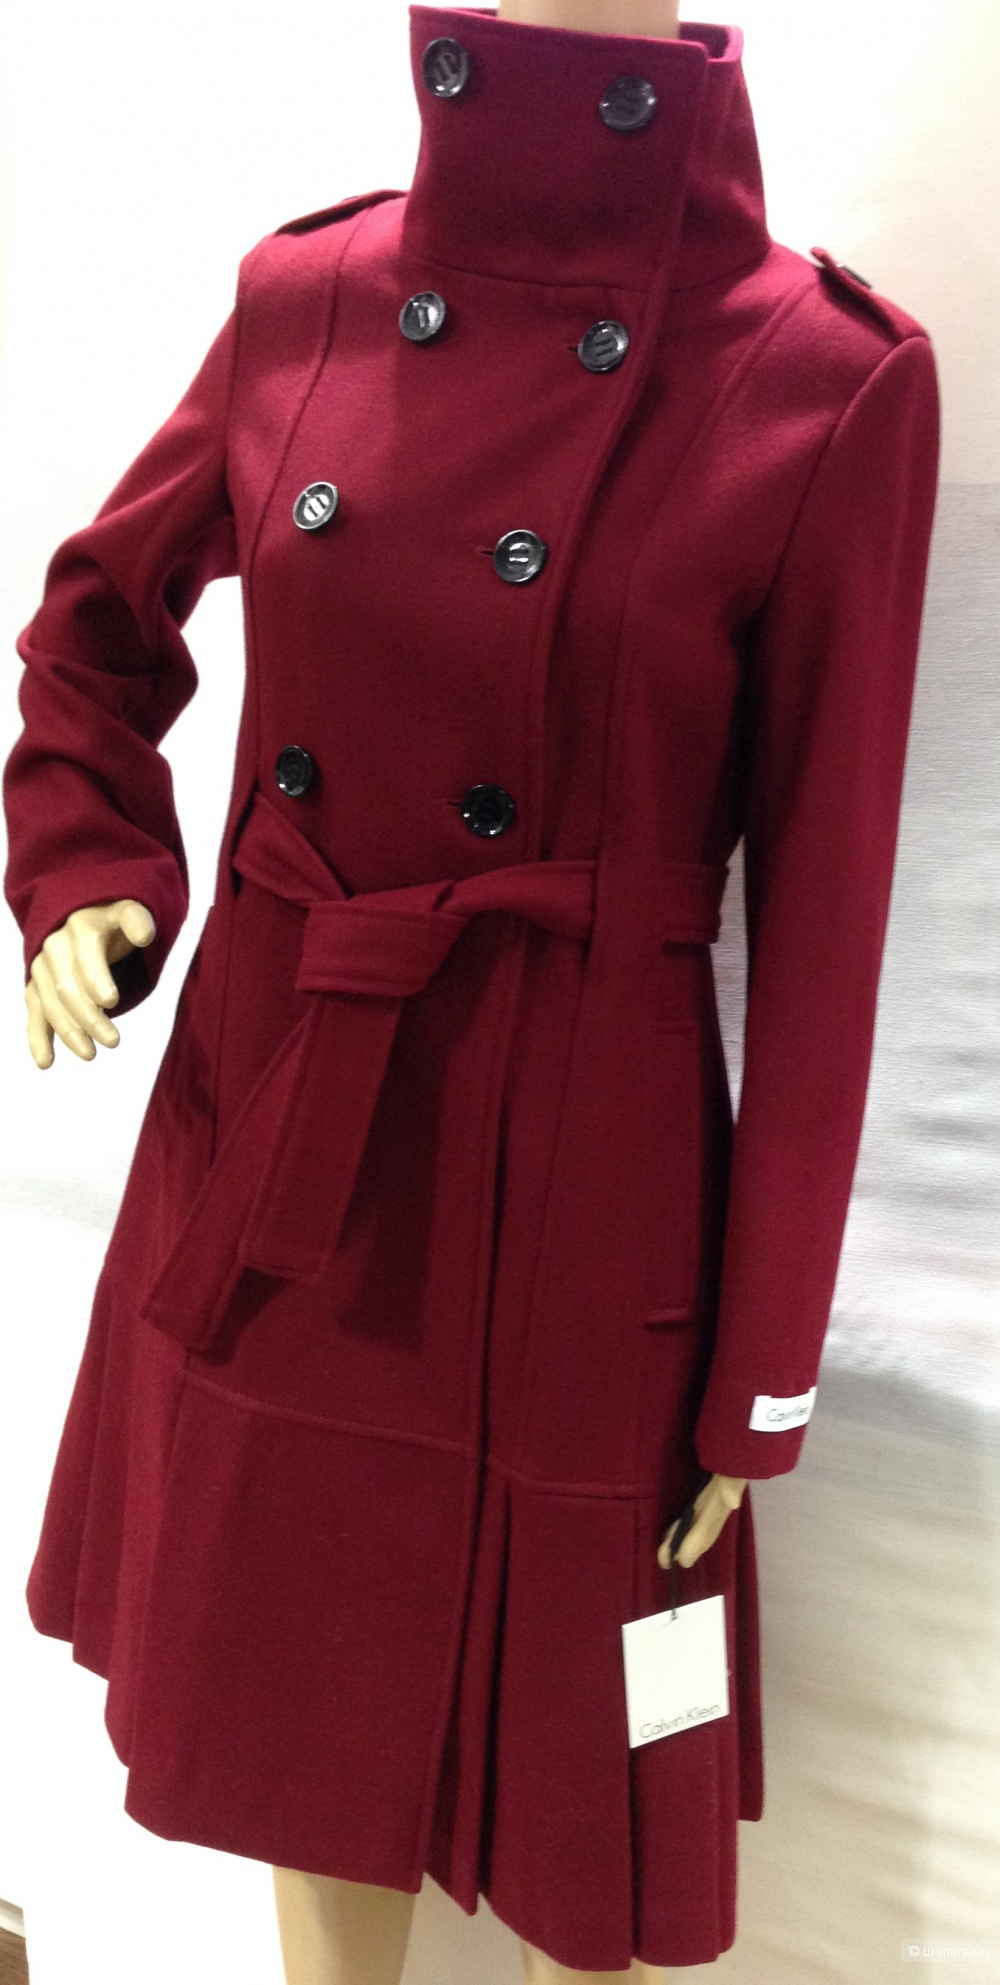 Calvin Klein красивое дизайнерское пальто р.44 Новое.Оригинал